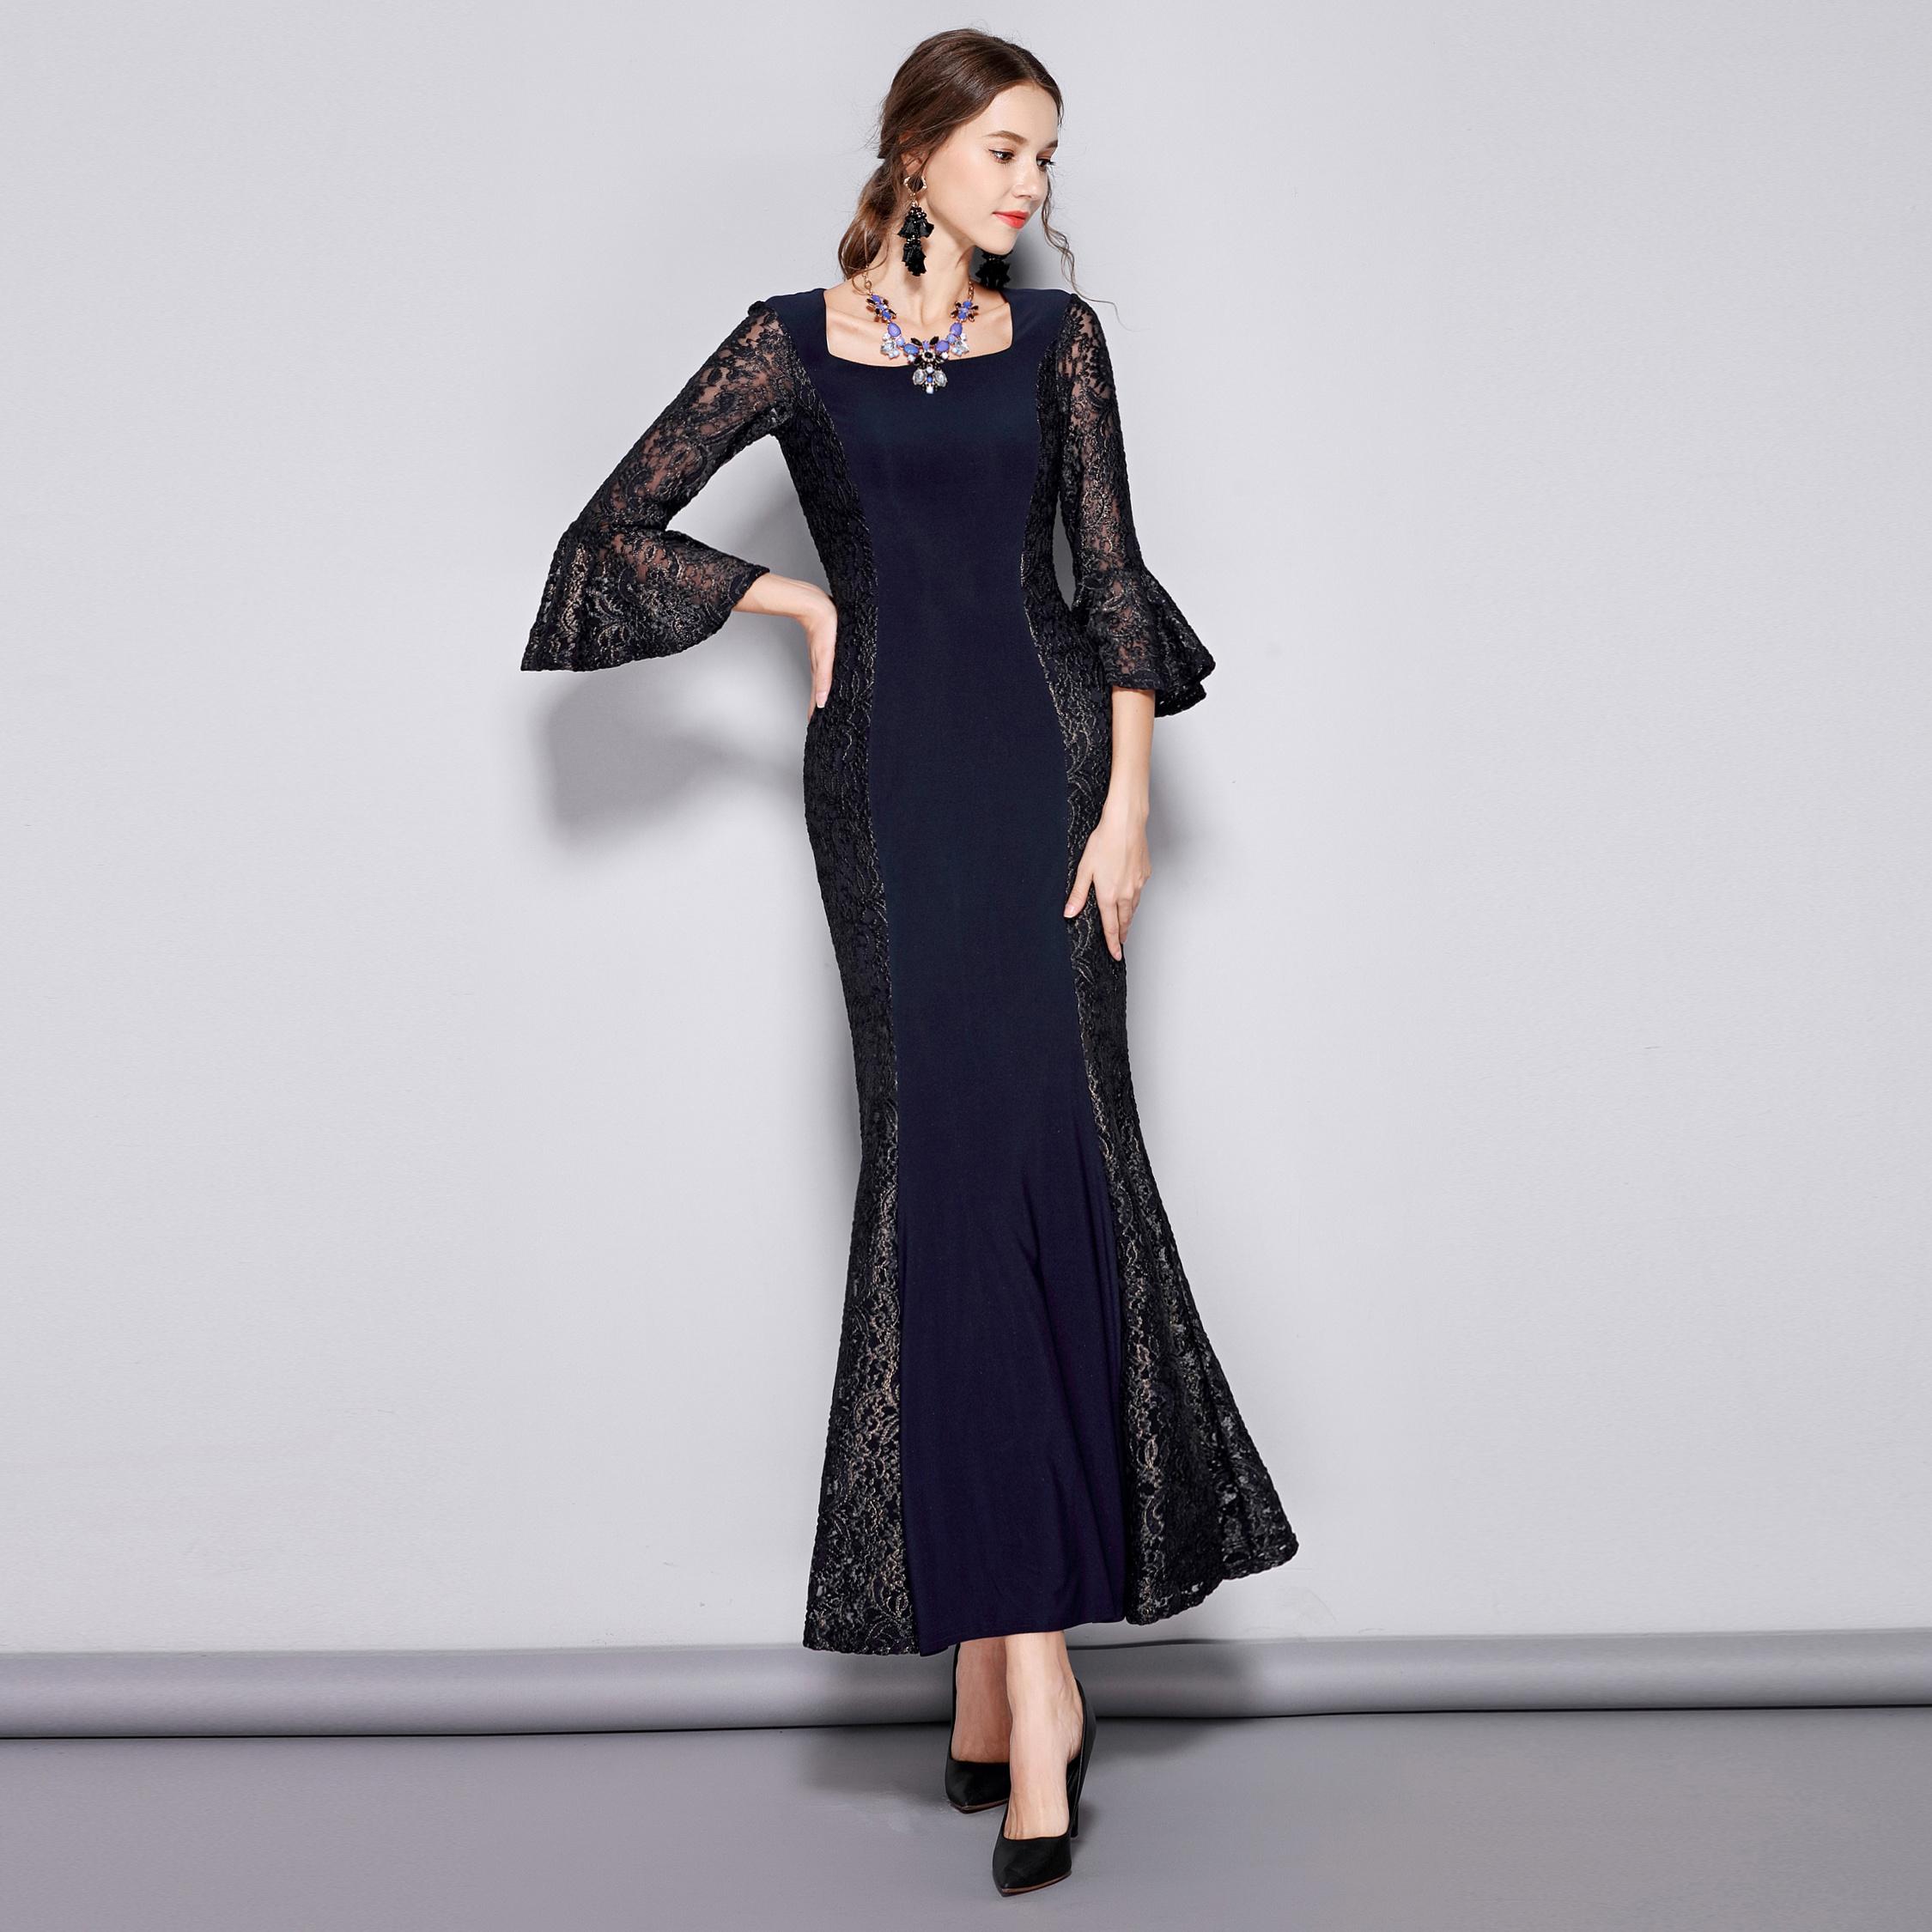 RL优雅蕾丝拼接鱼尾摆修身显瘦超长礼服连衣裙约会主持大码 C761